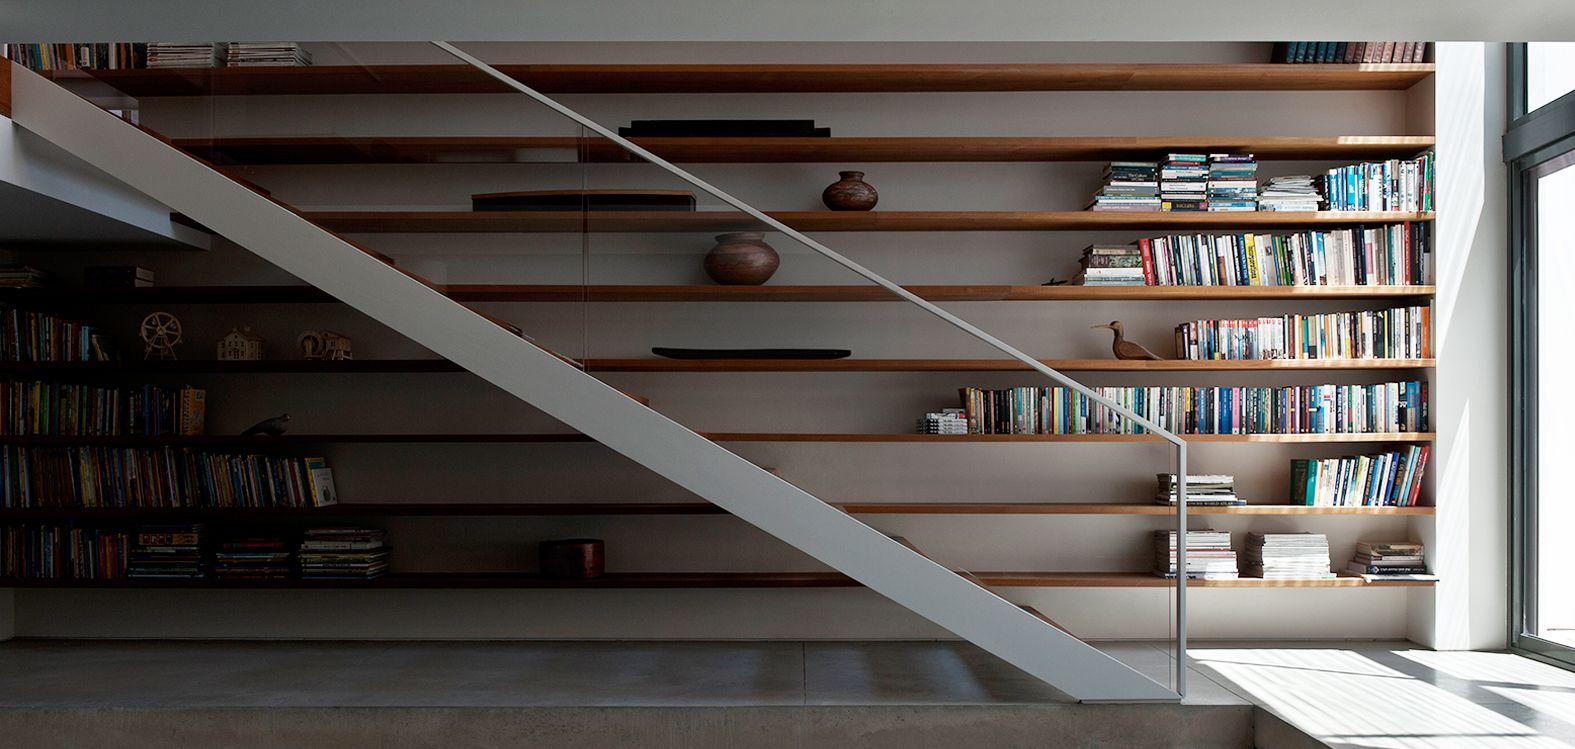 Pin von Monnie44 auf Architectural Eye Candy | Pinterest